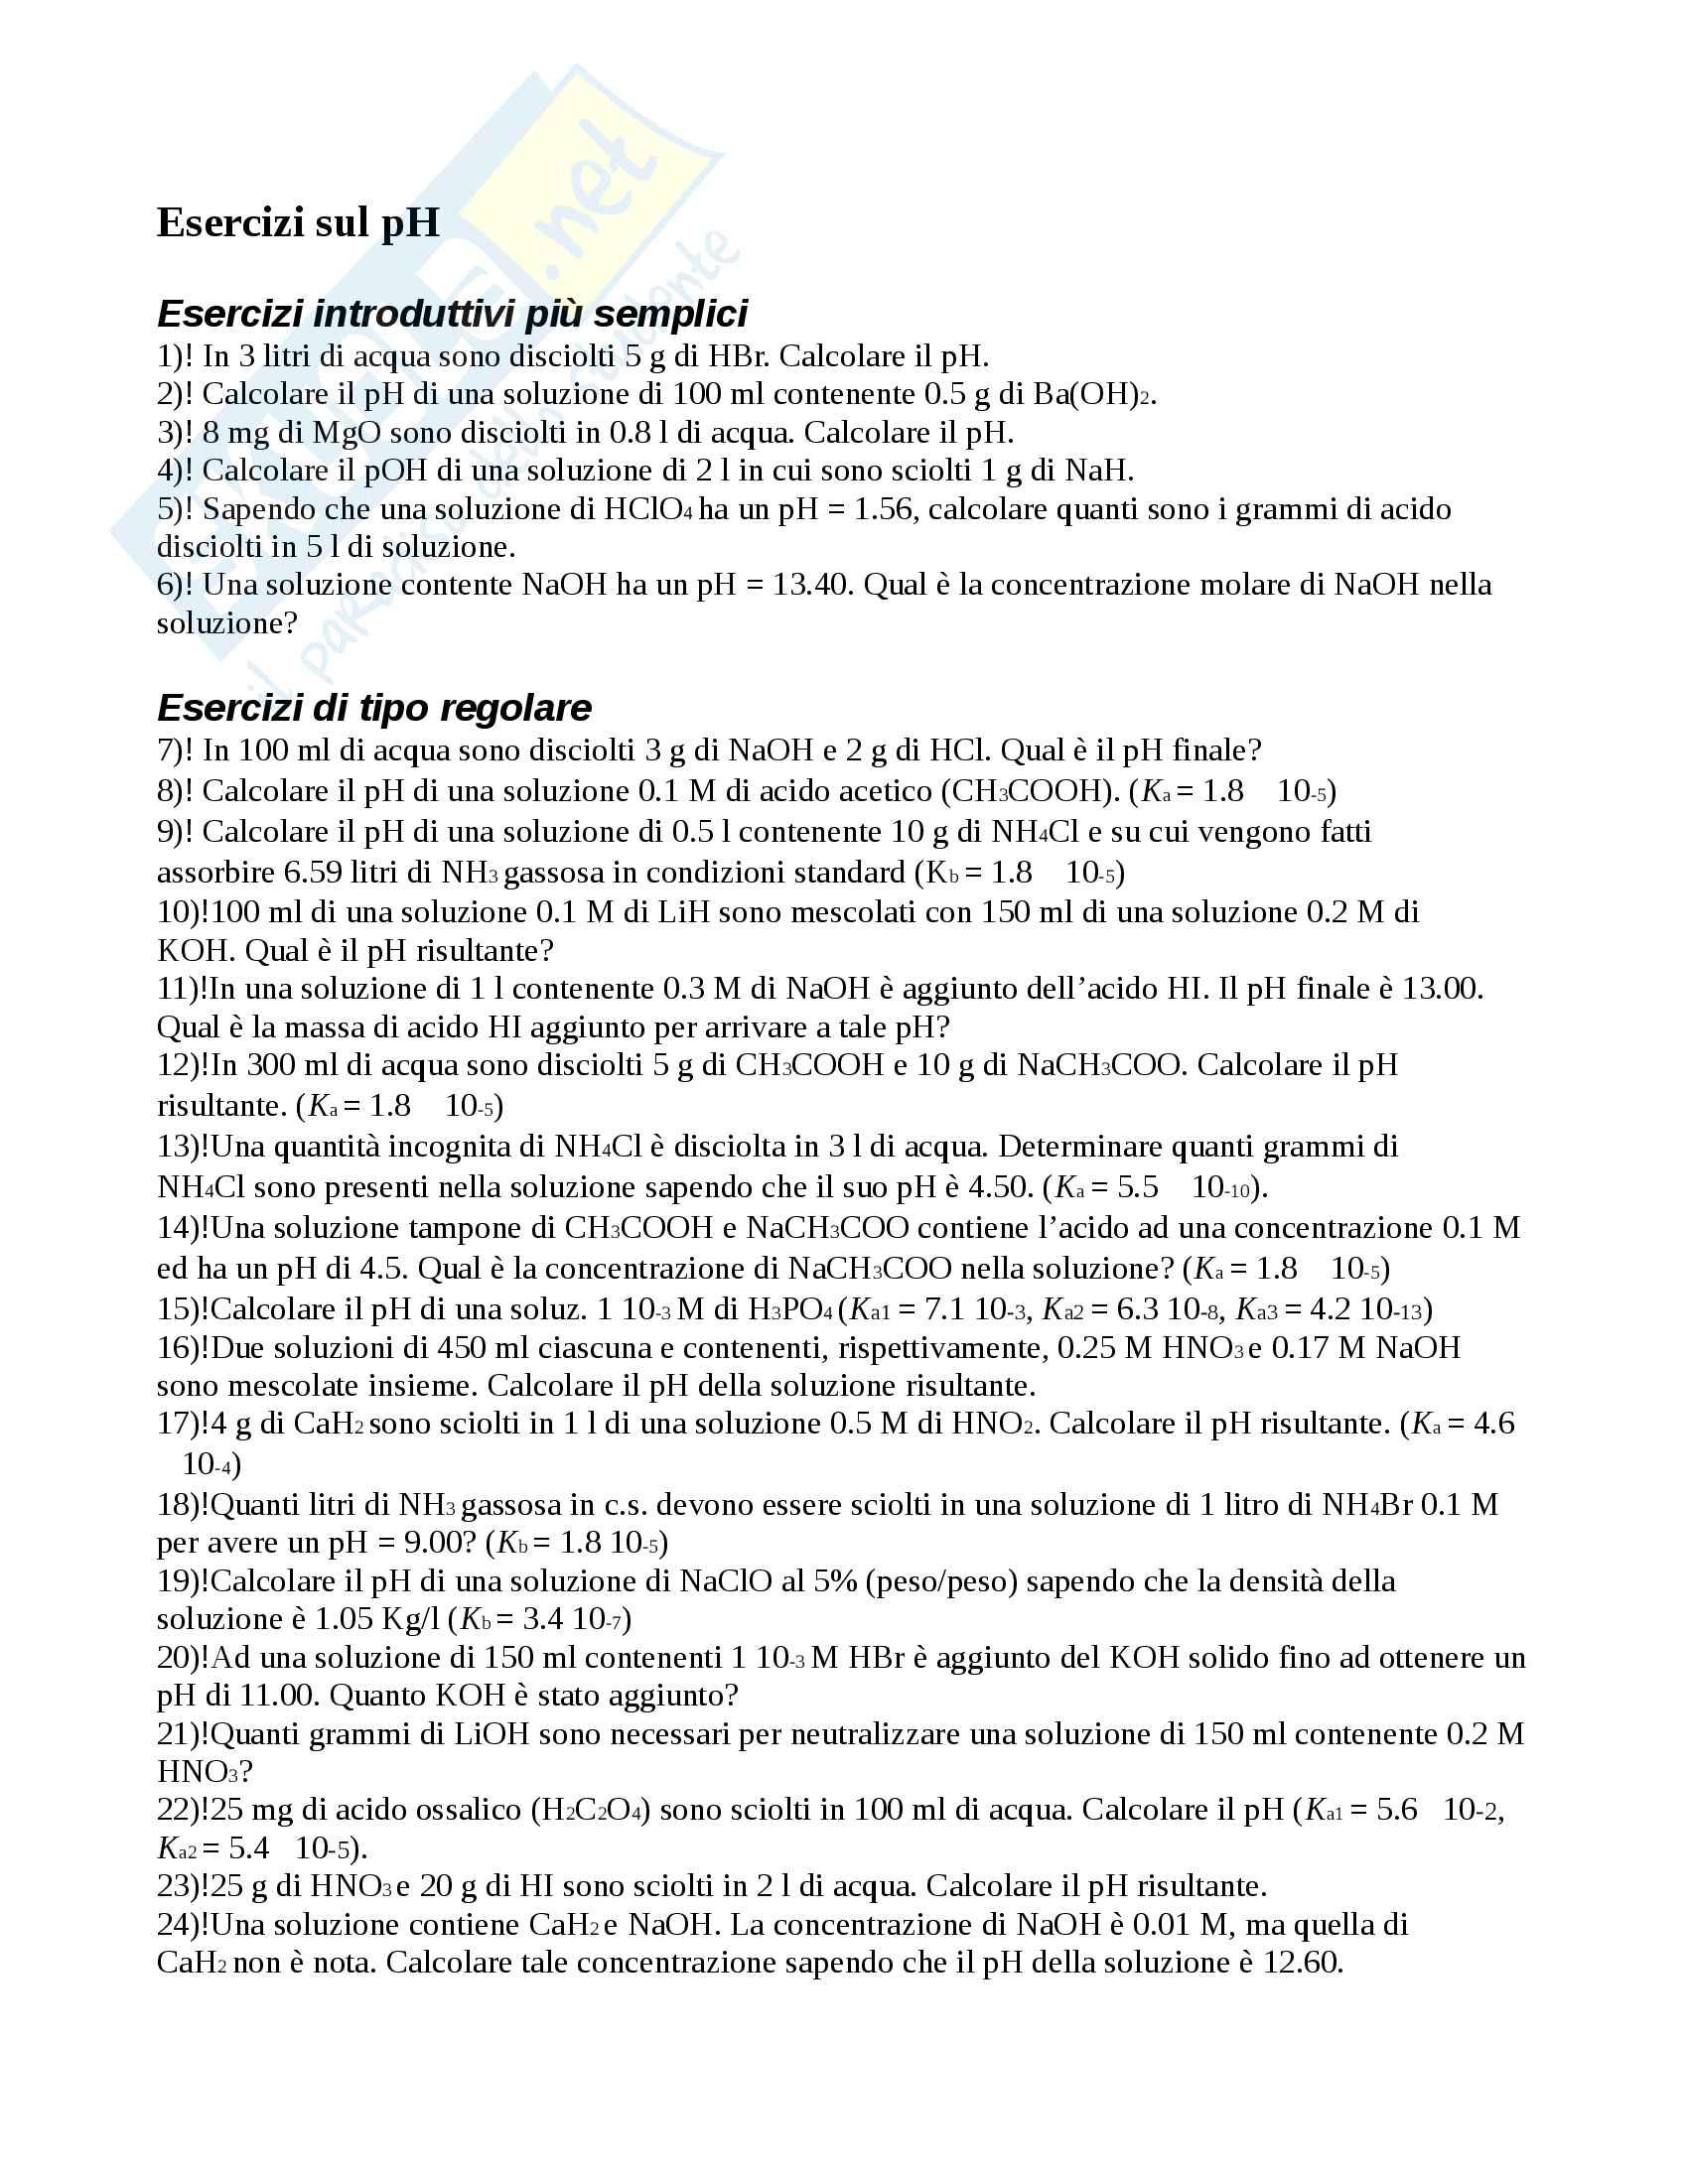 Esercizi sul pH Pag. 1